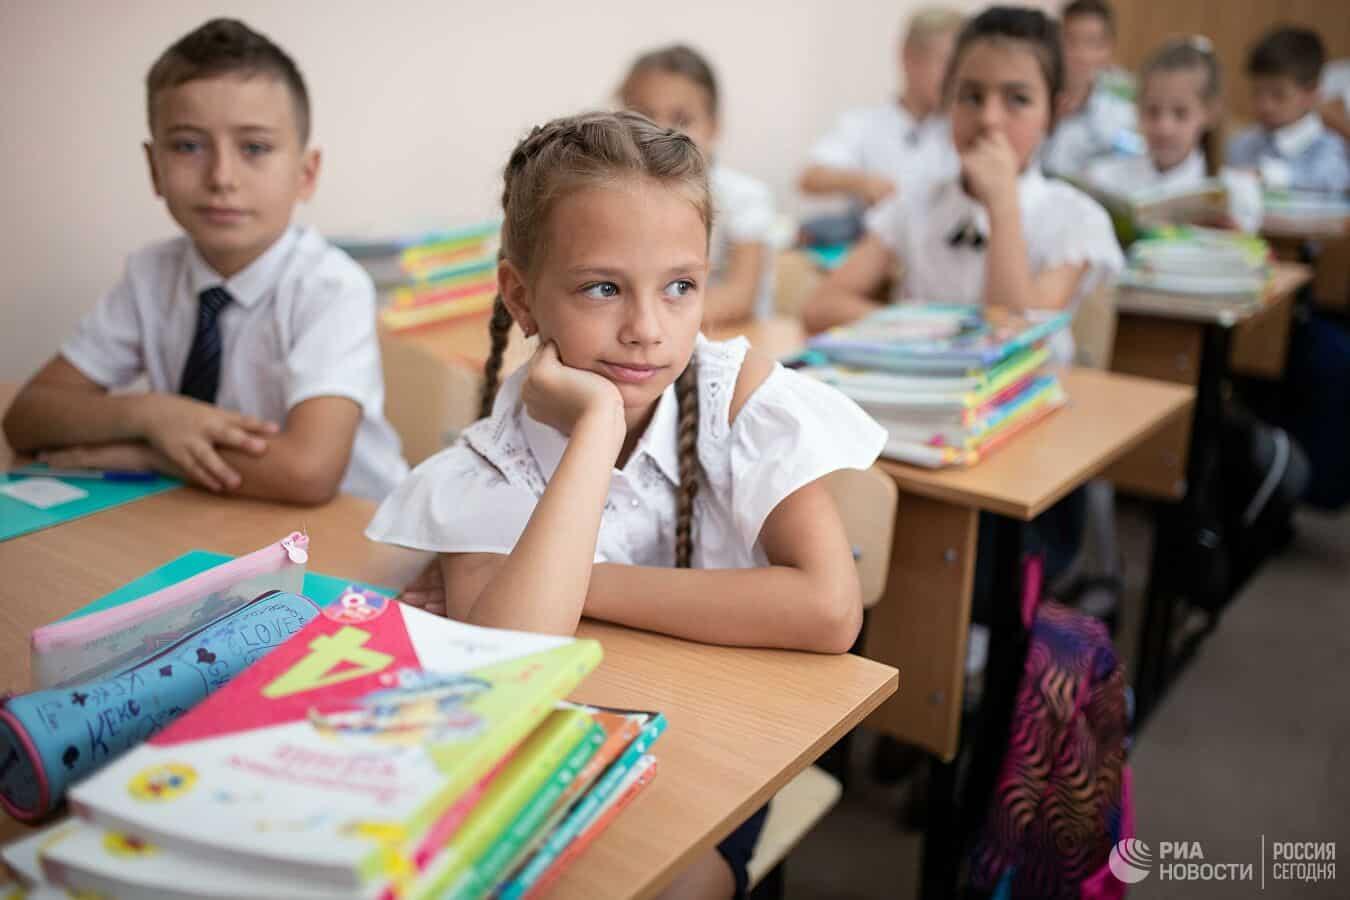 Не во всех регионах хватает средств на закупку необходимых средств защиты от COVID-19 для школ и детских садов